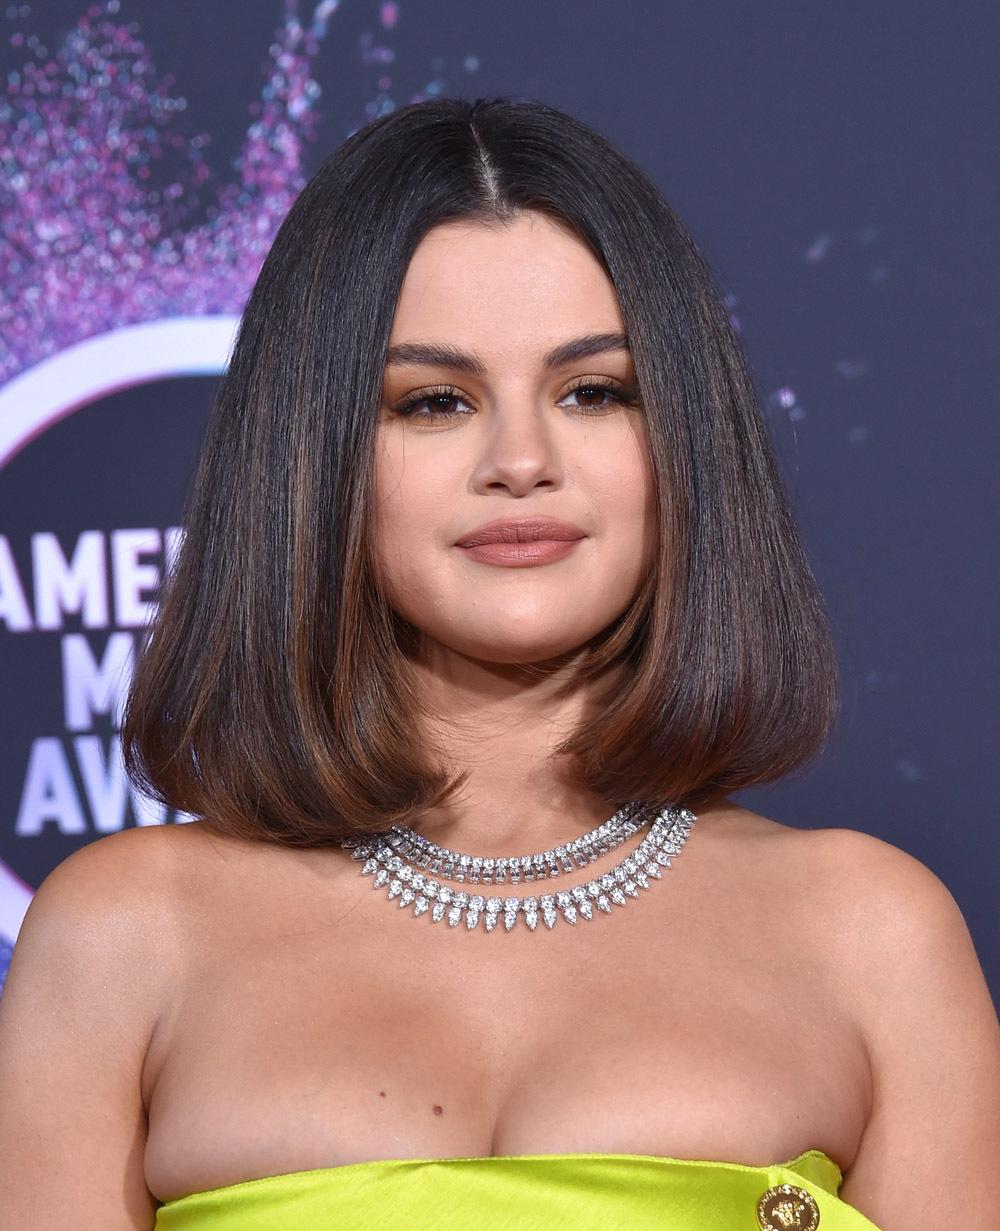 Los cortes de pelo por debajo de la barbilla quedan bien a las chicas de cara redonda como Selena Gomez.